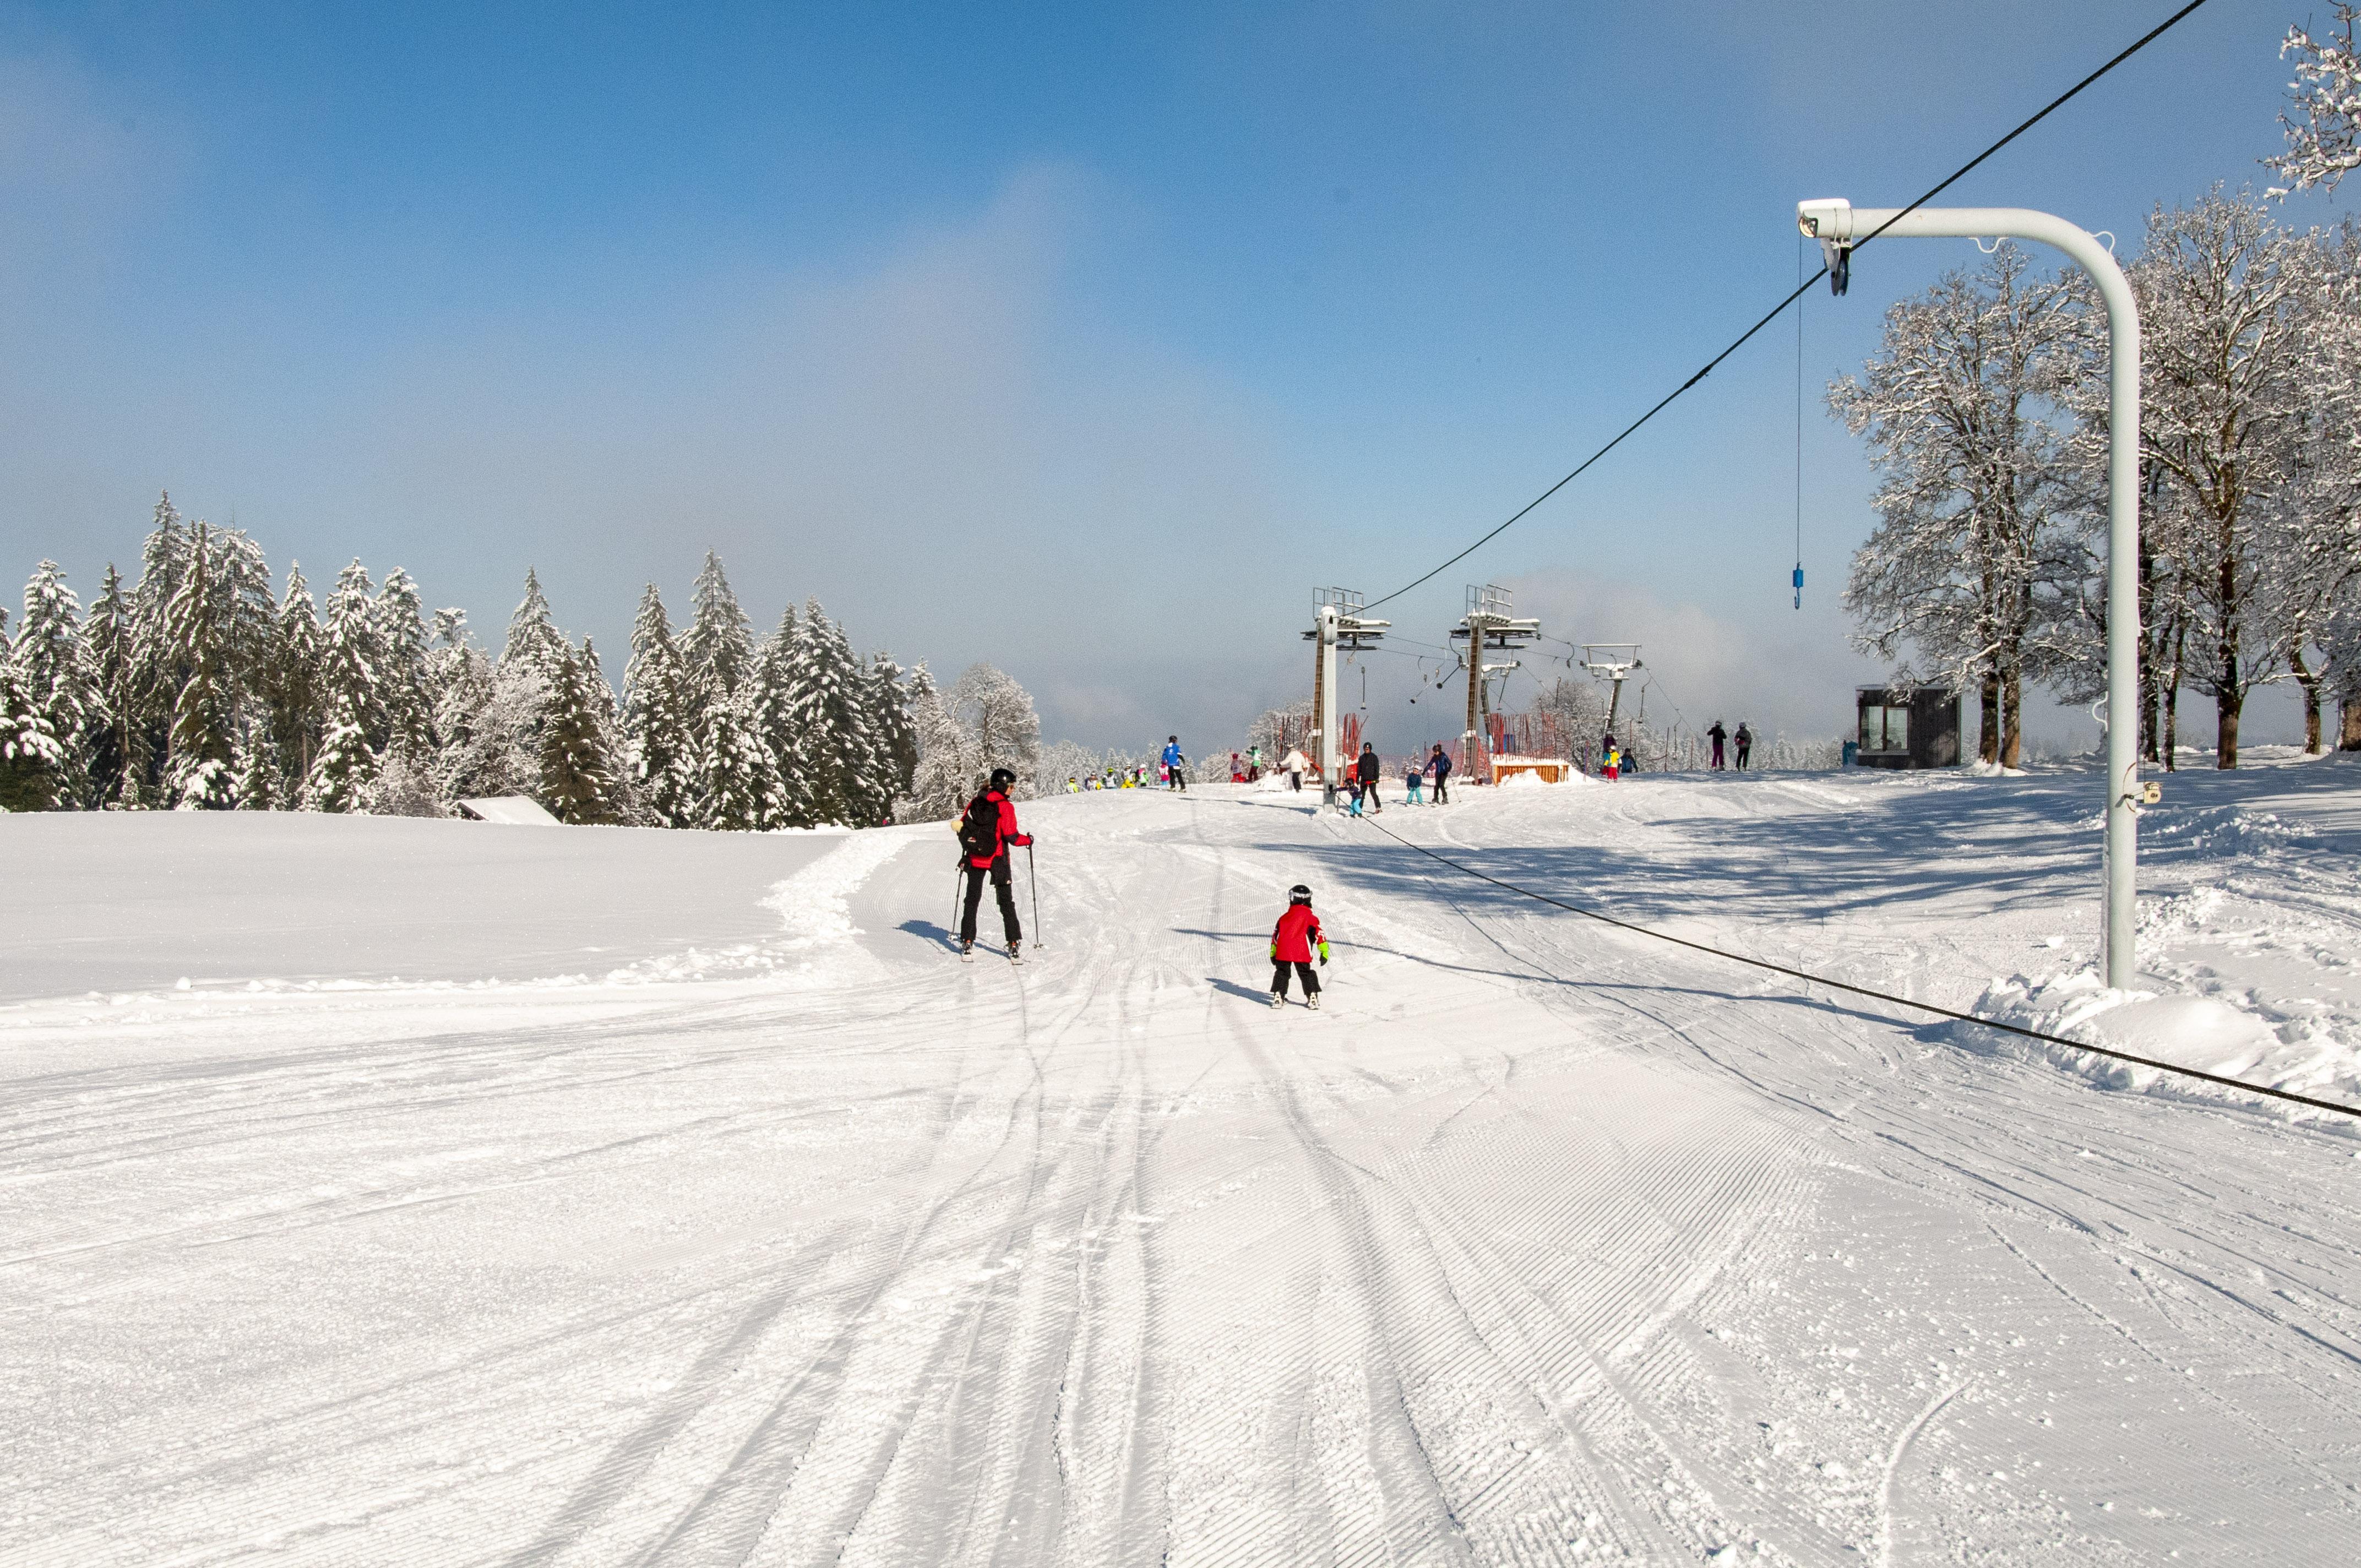 Skigebiet Bödele, Seillift Meierei mit Bergstation Oberlosen / Copyright© Jürgen Kostelac, Tarifgemeinschaft Bödele